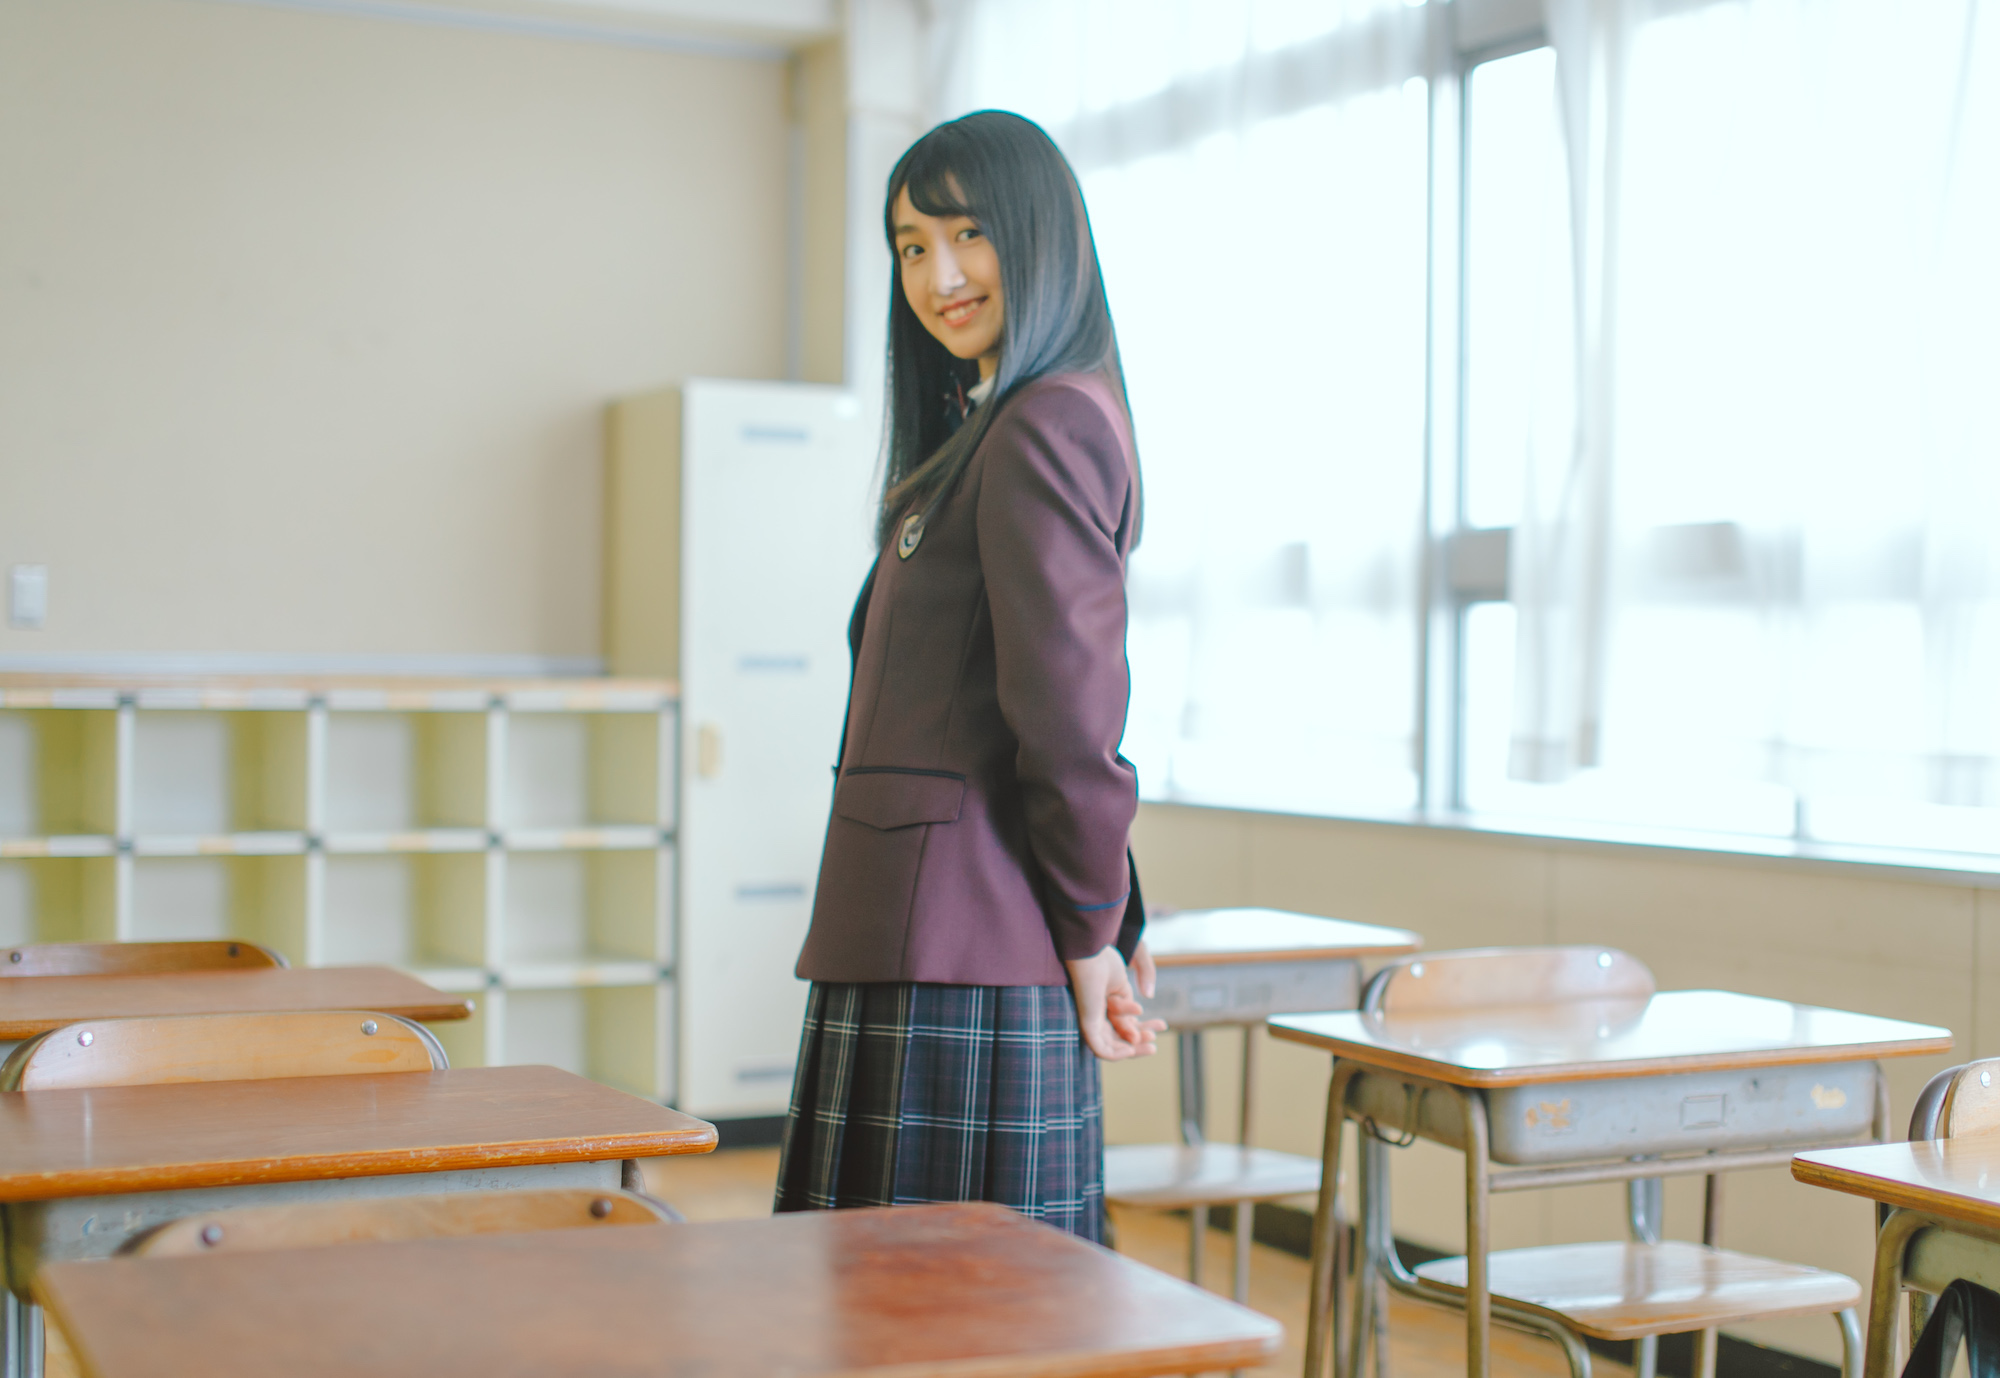 小見山沙空(NGT48)岡山県立倉敷鷲羽高等学校が新制服イメージモデル